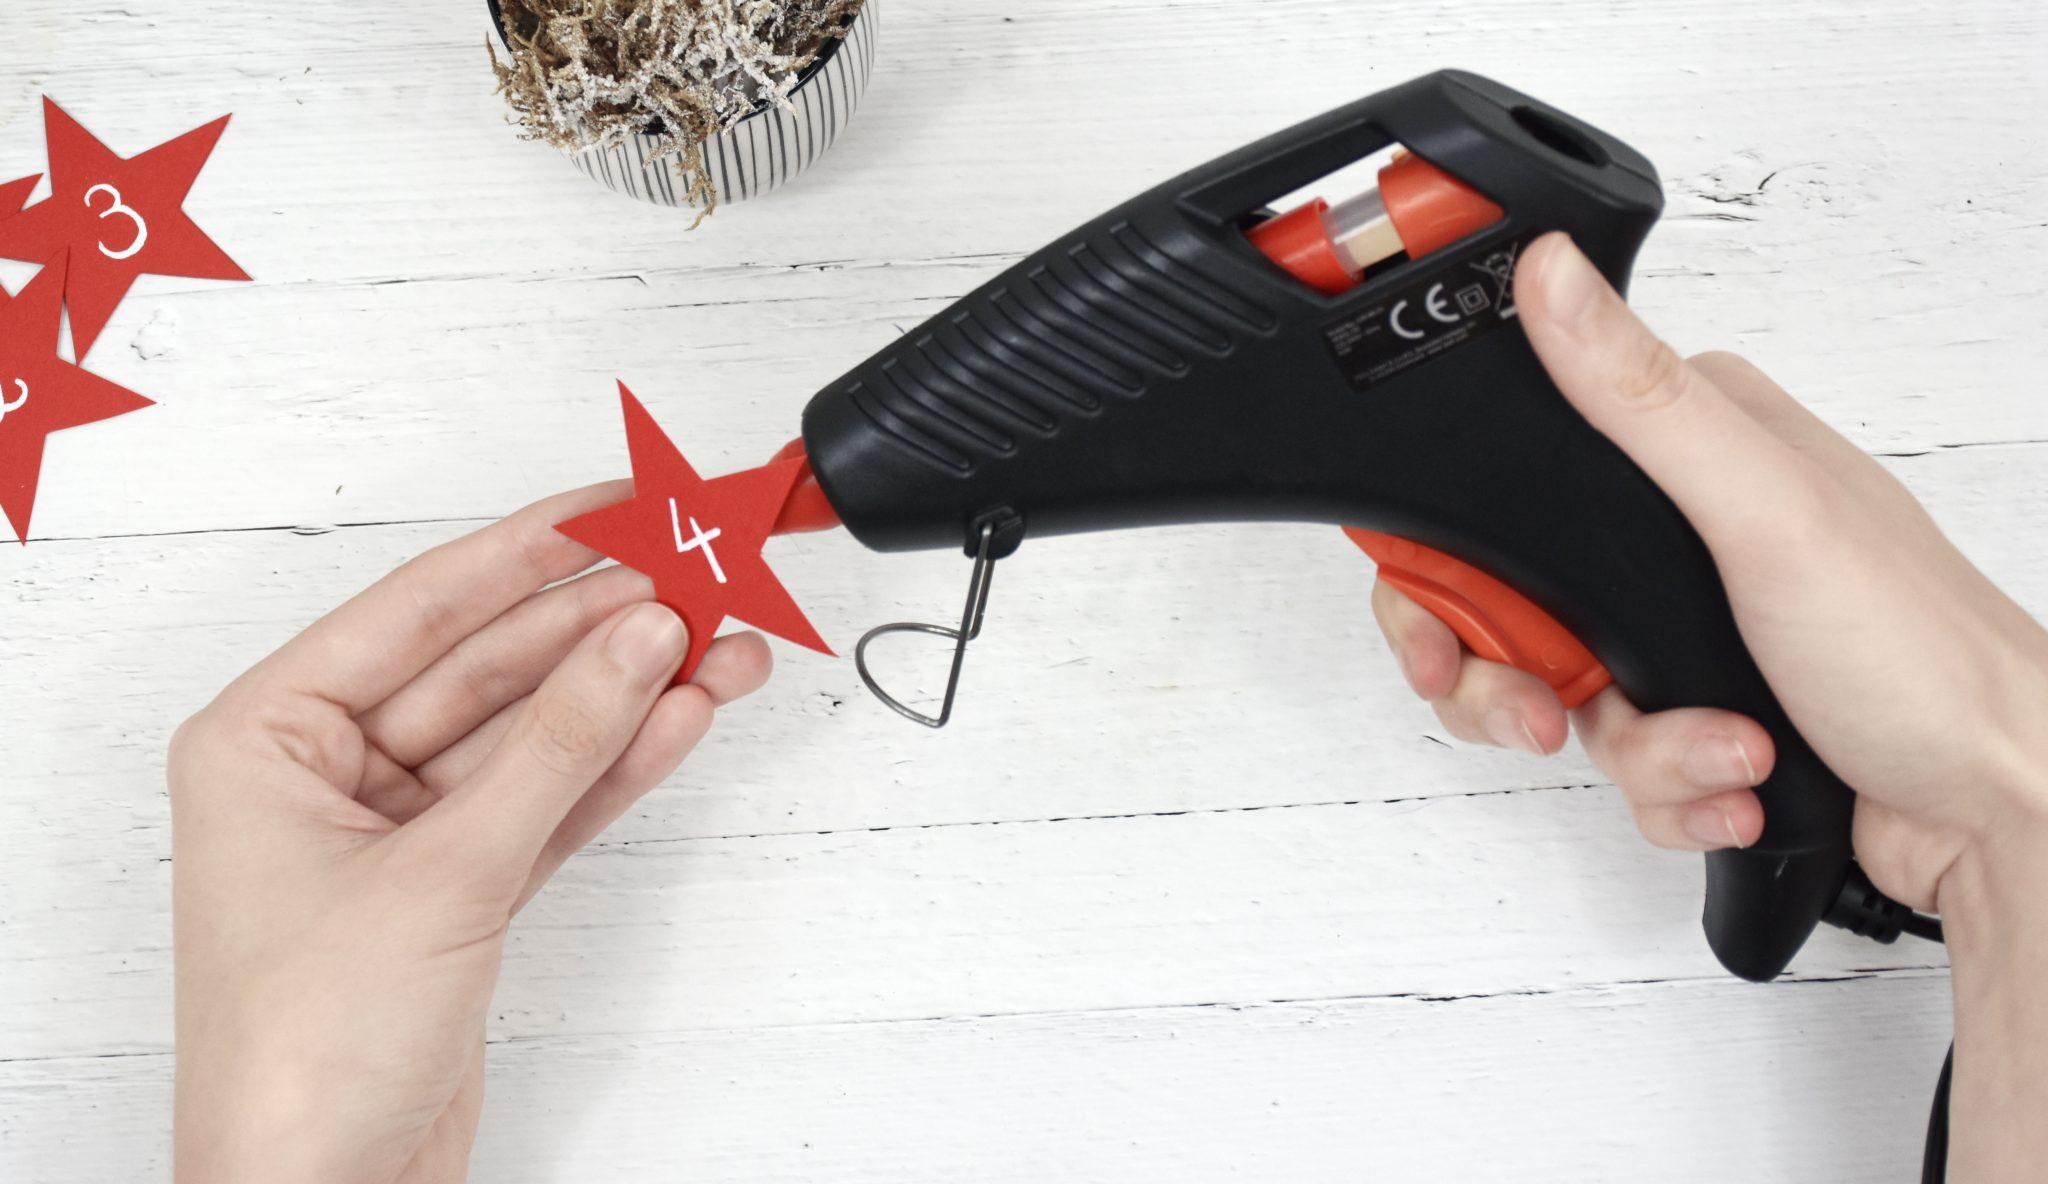 Schritt 6: Die Schilder mit einer Heißklebepistole an den Tassen befestigen